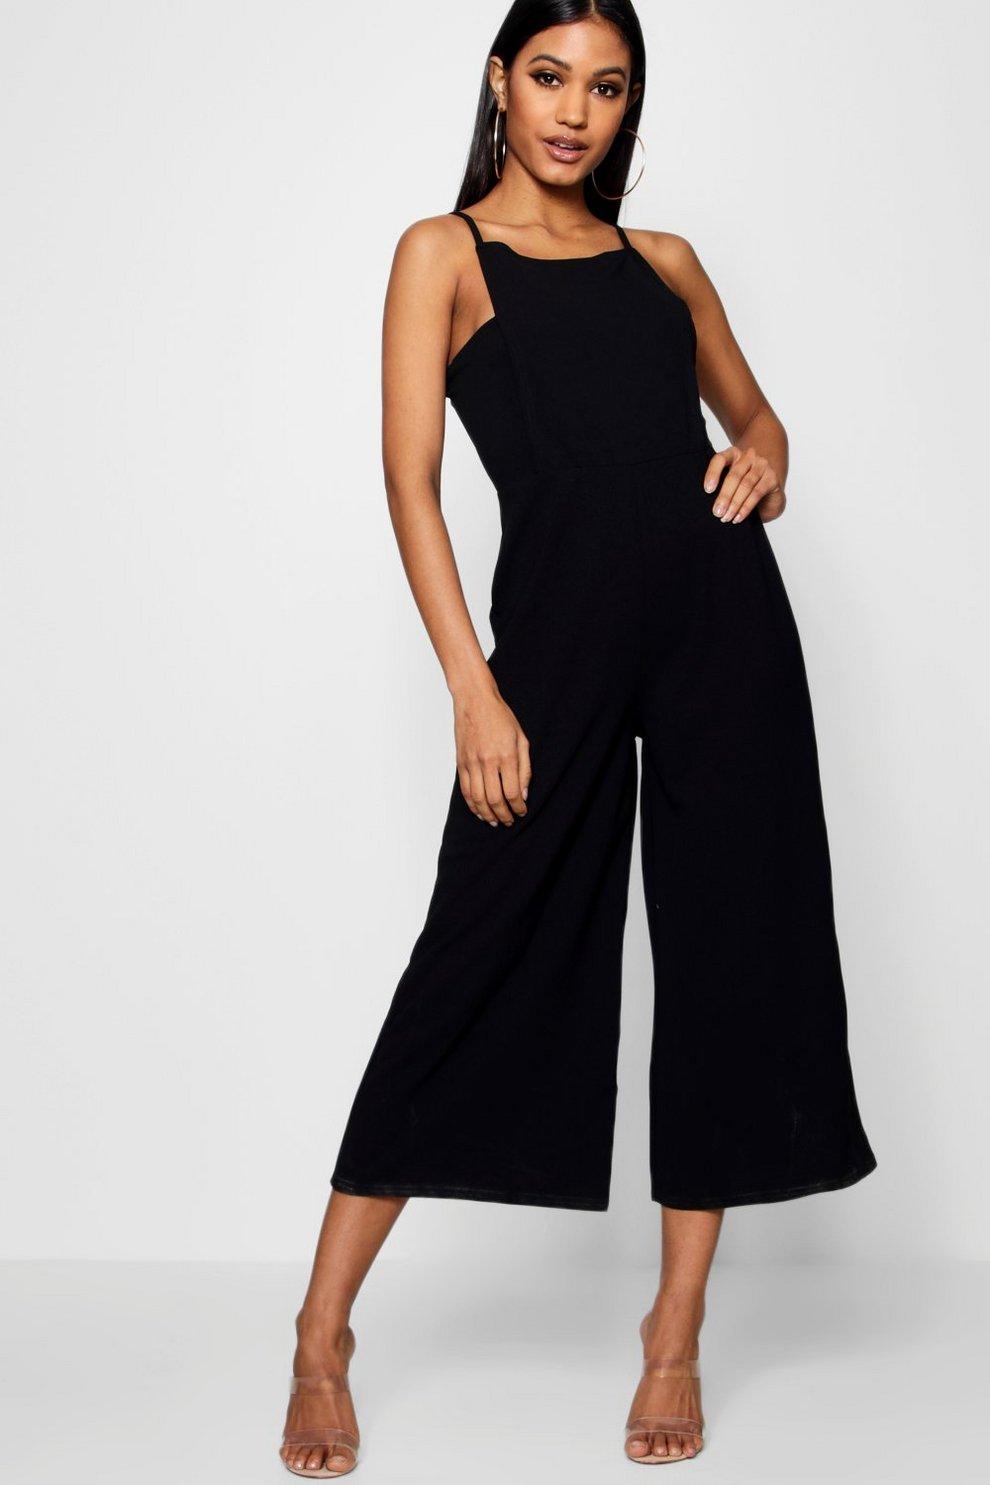 Boohoo Square Neck Culotte Jumpsuit Pick A Best Sale Online Outlet Marketable eC98sLqV